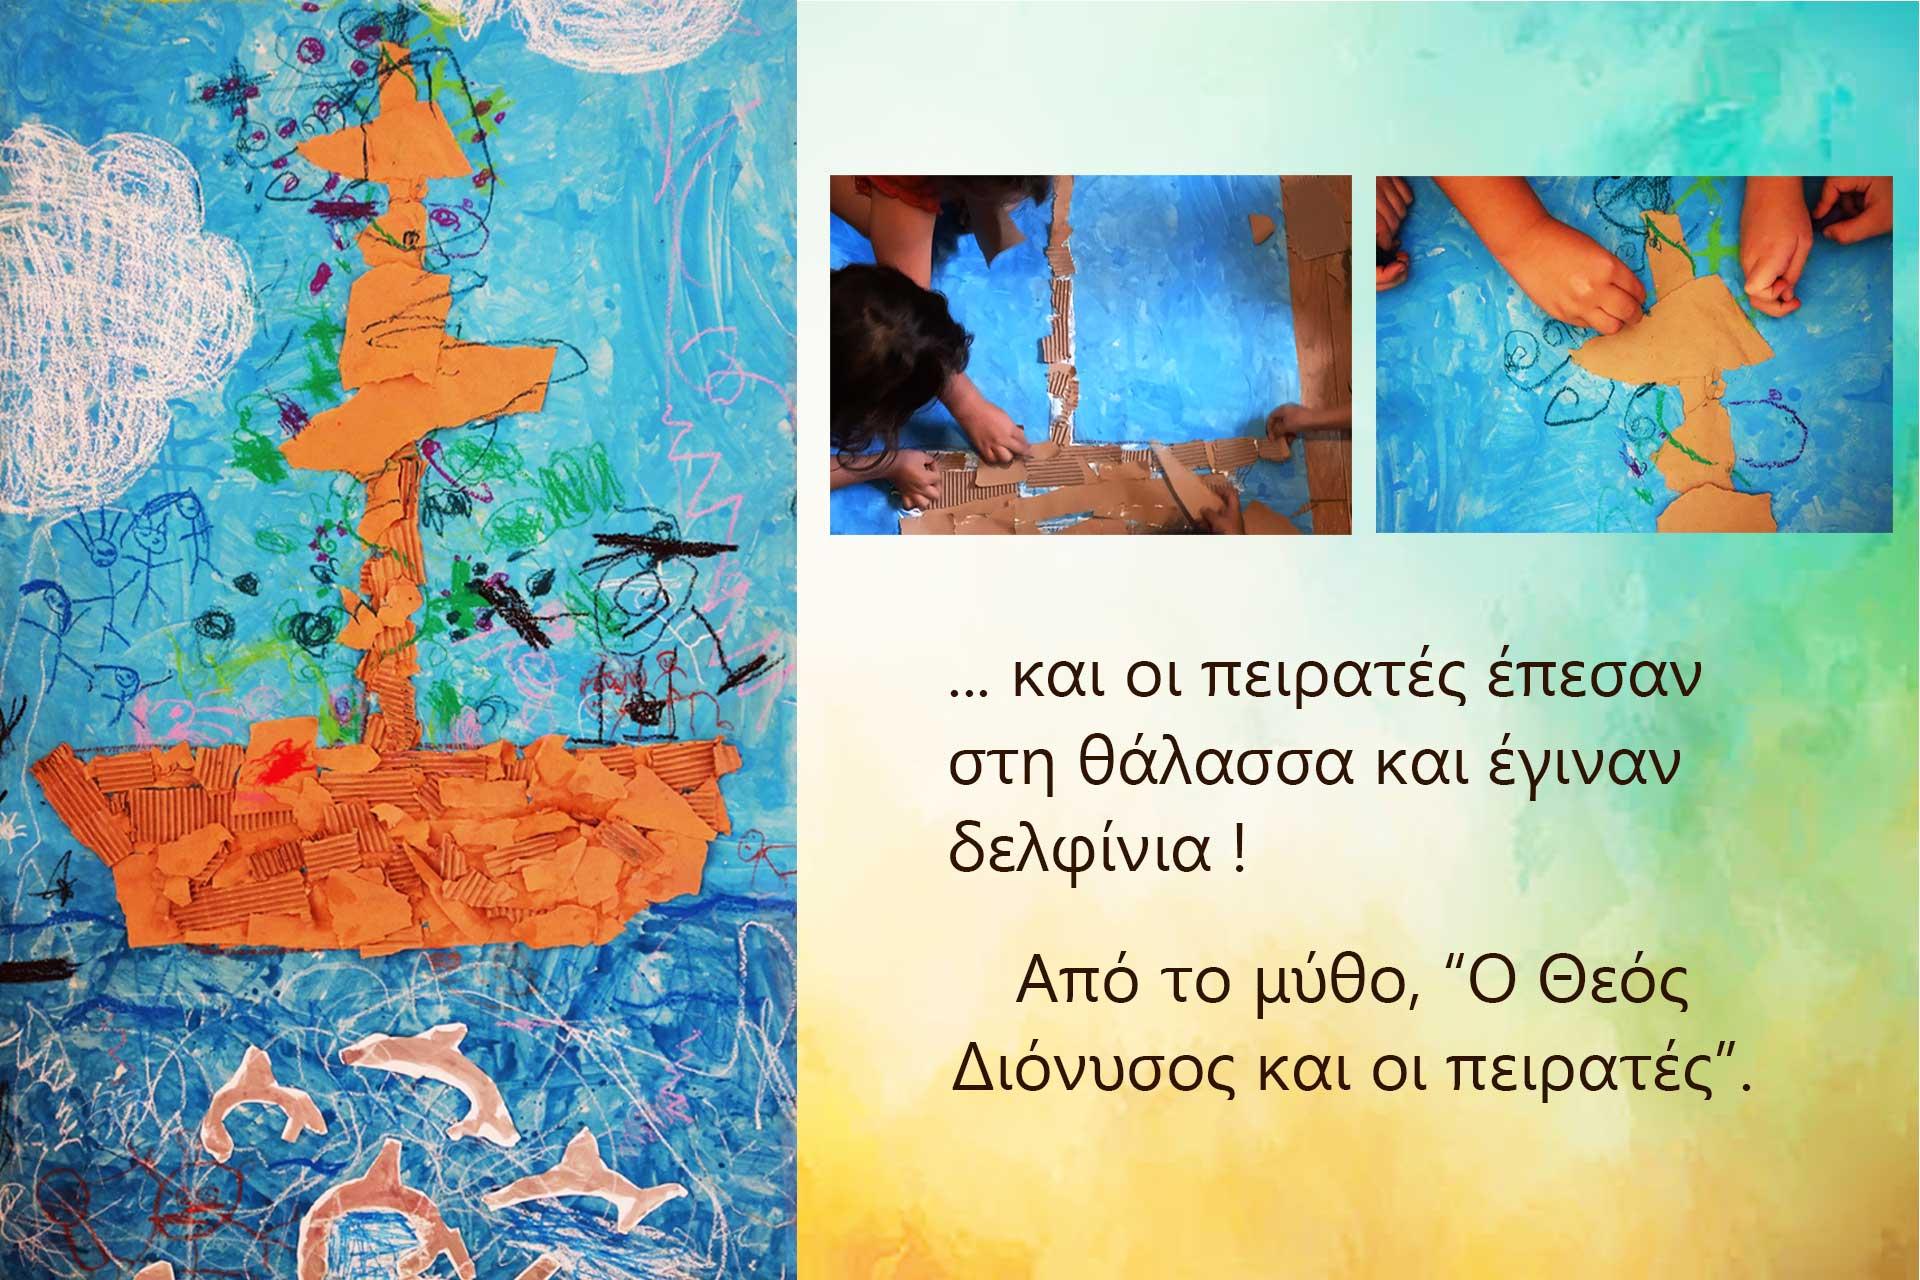 peirates_dionysos